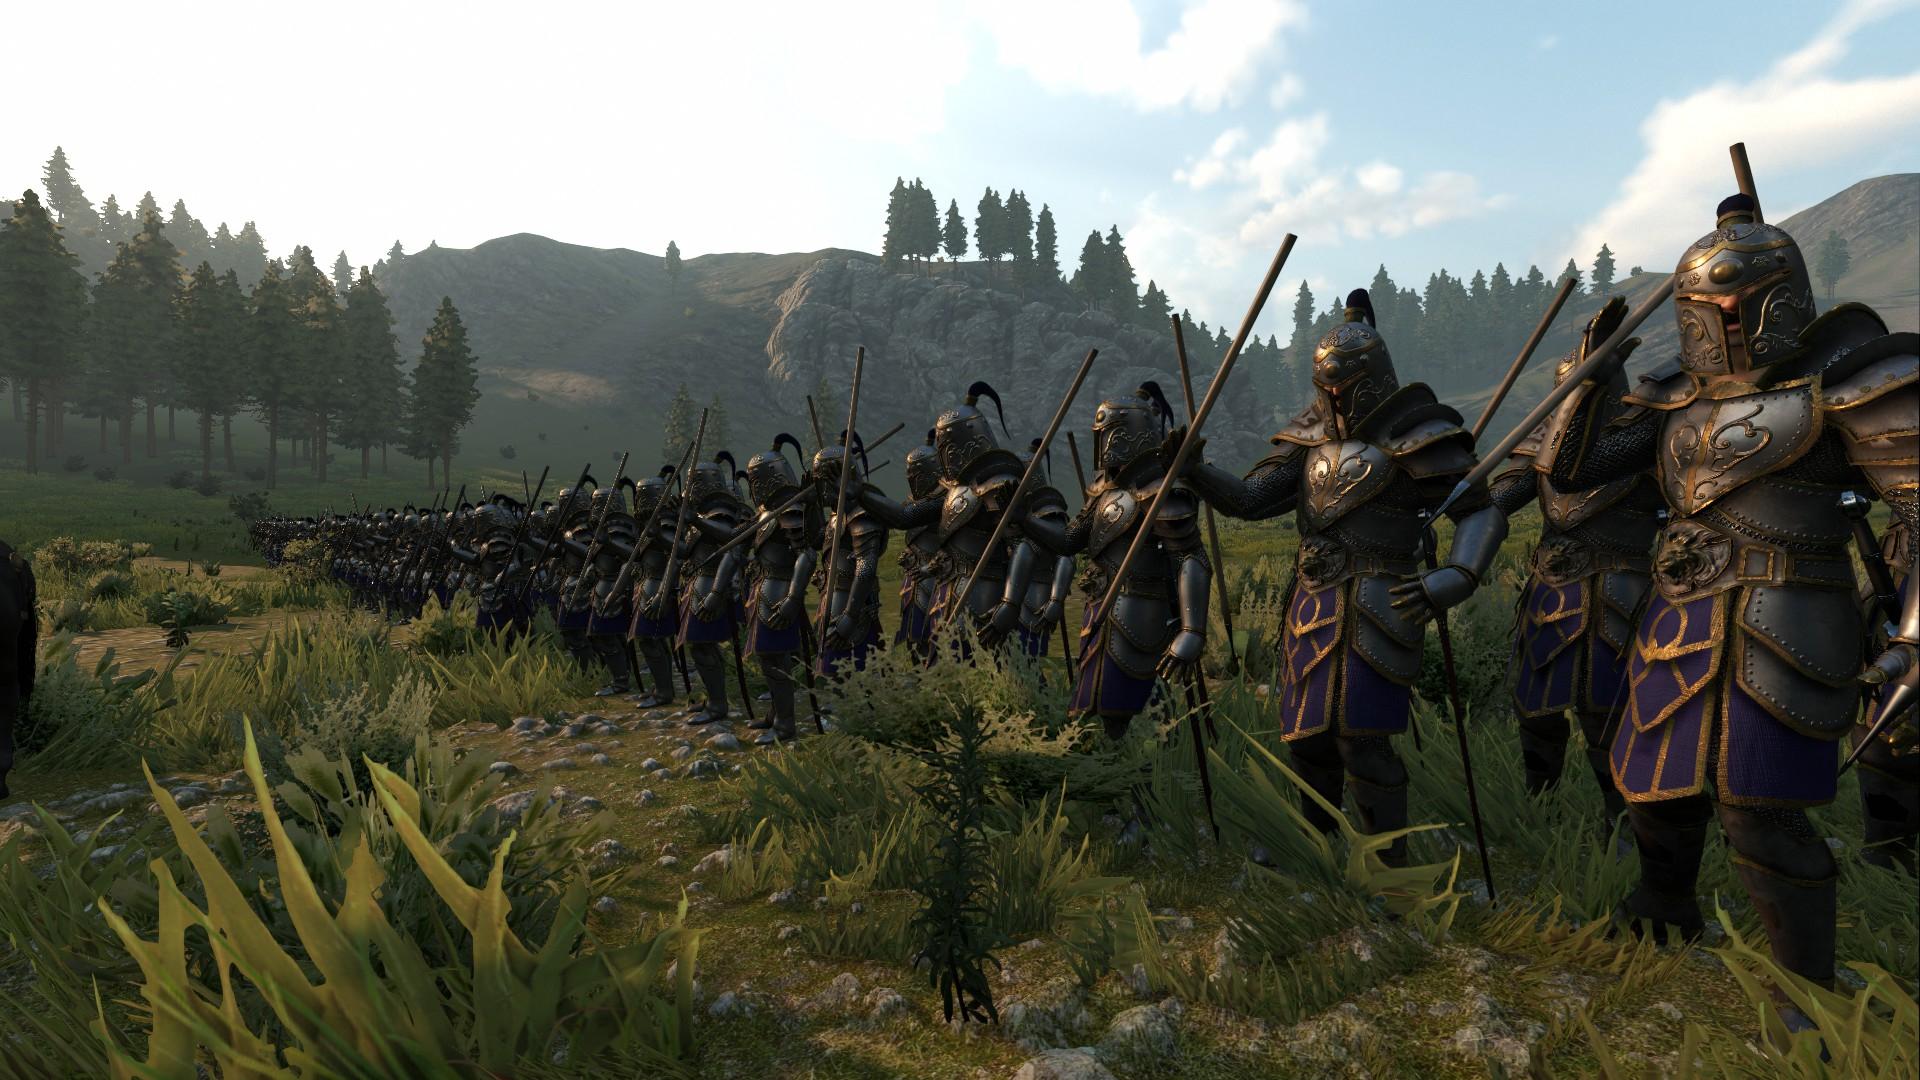 Моддеры намерены воссоздать Азерот из World of Warcraft в Mount & Blade II: Bannerlord